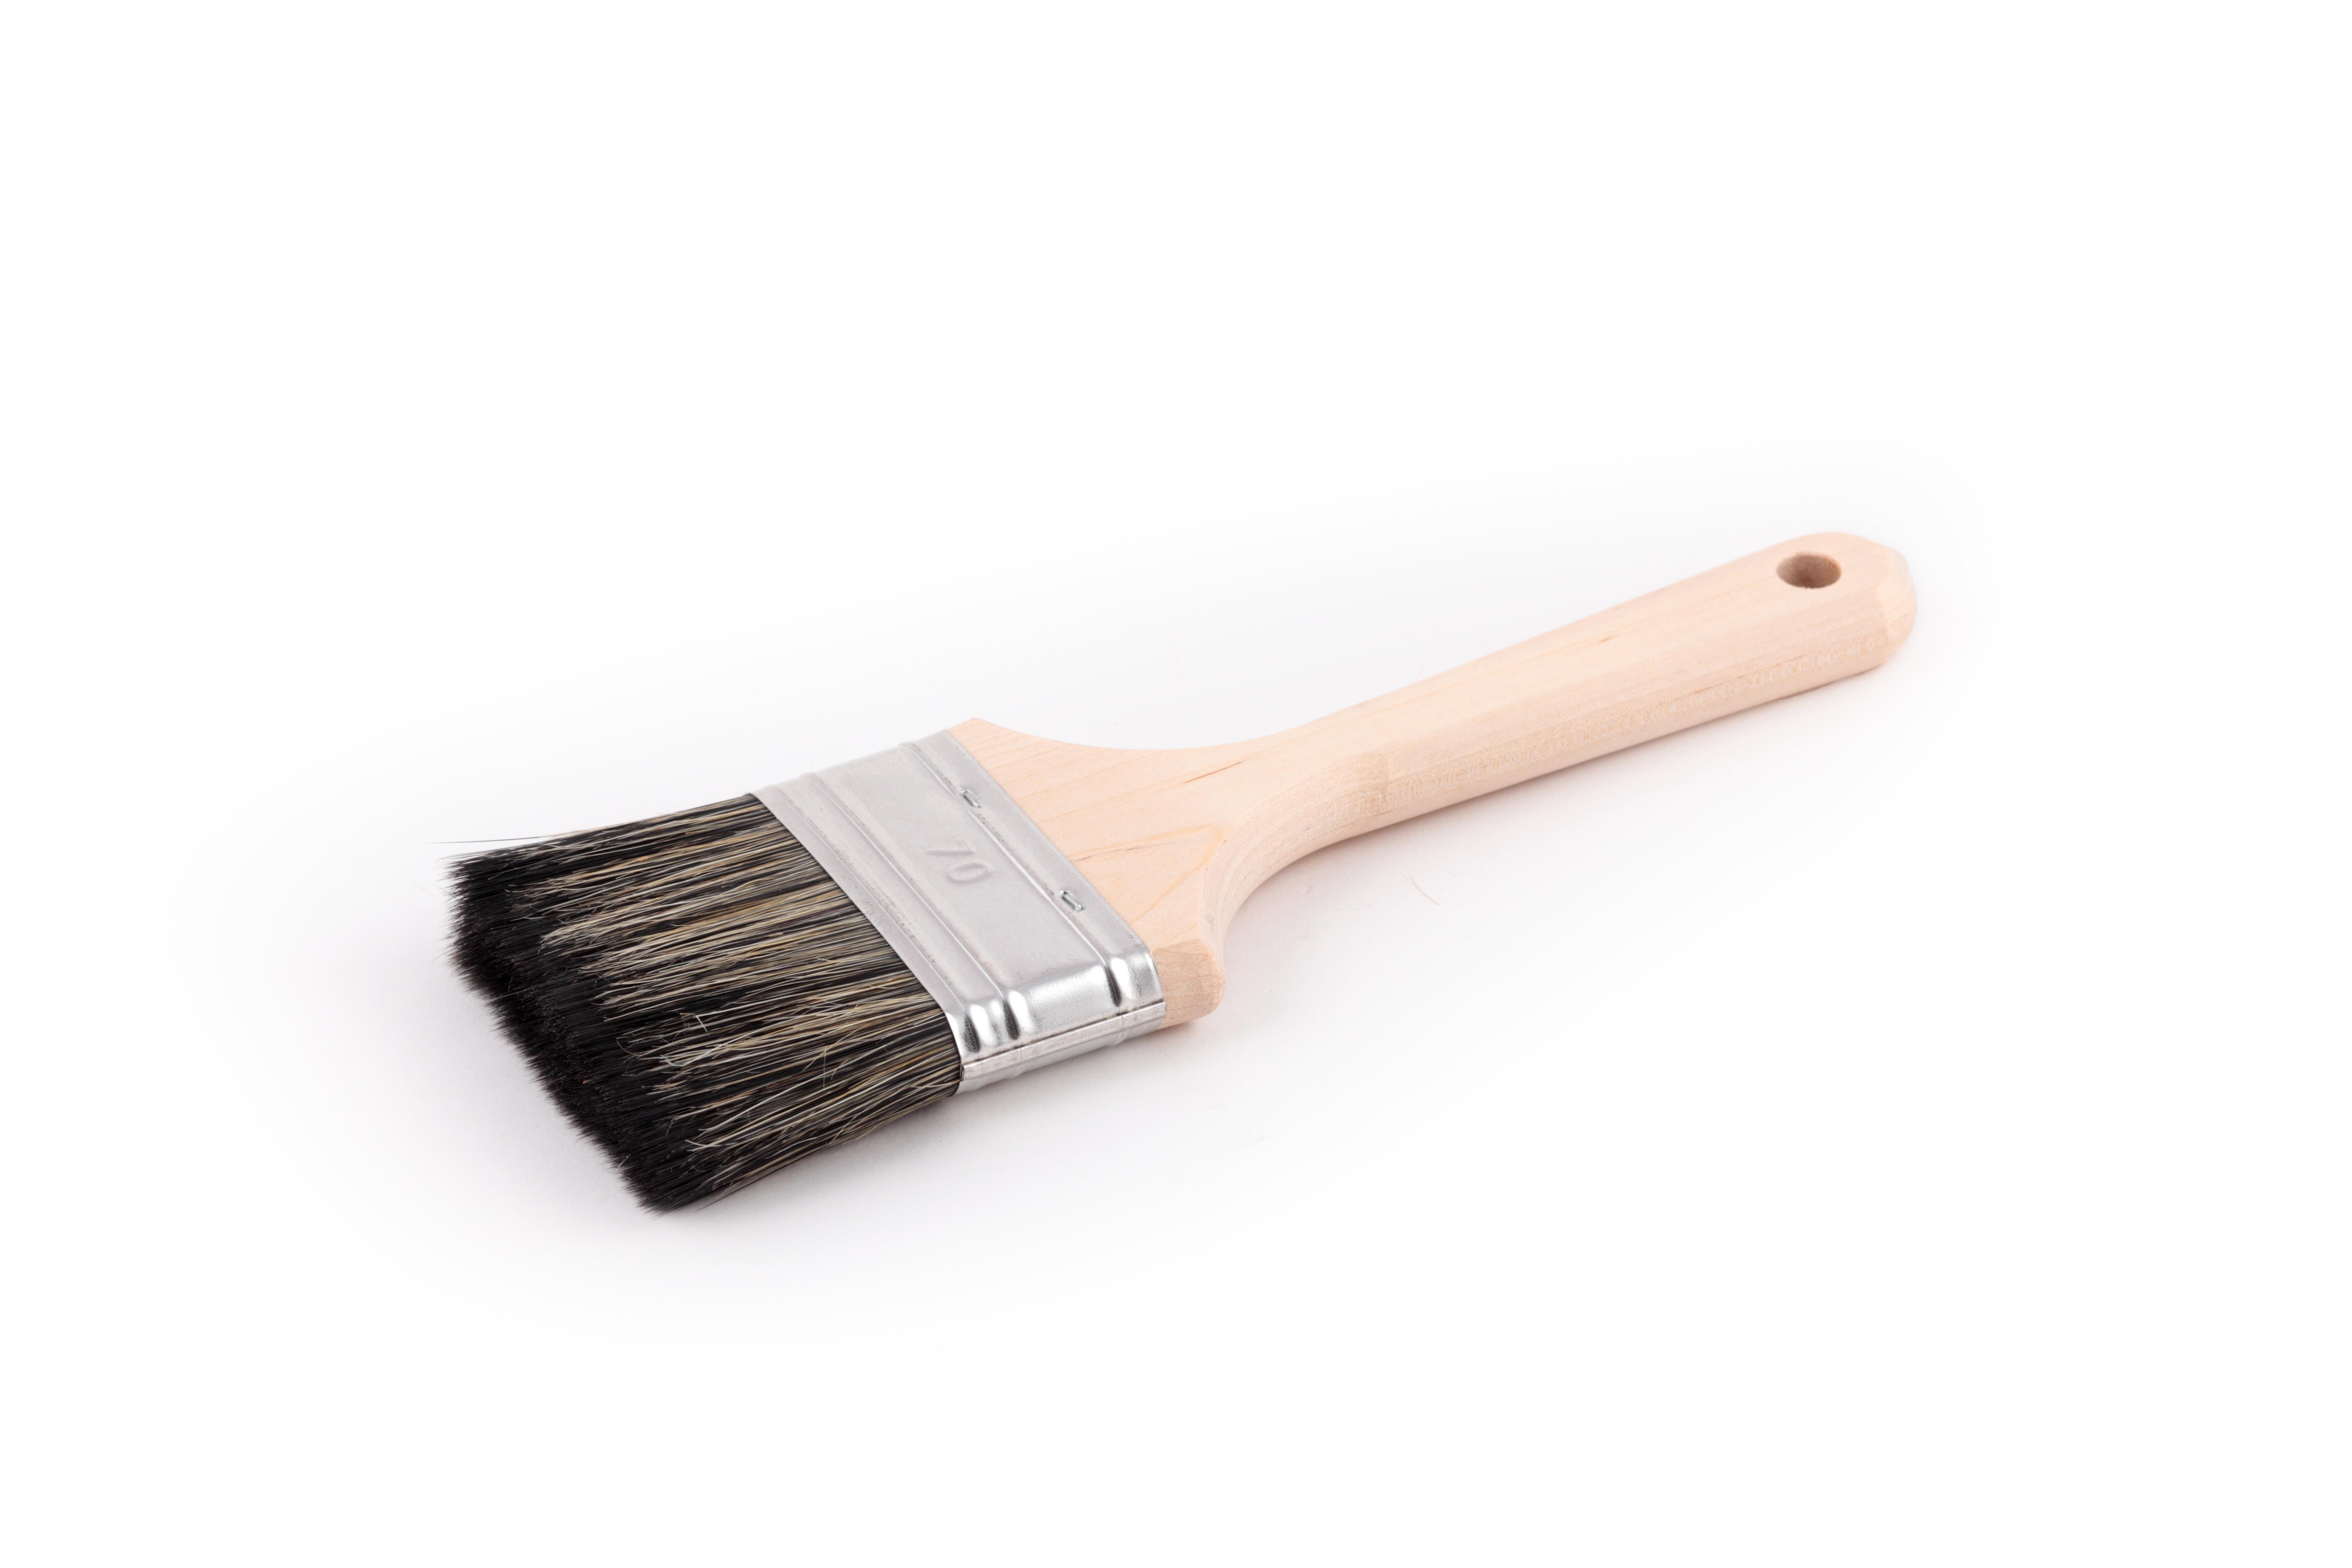 Кисть флейцевая ЛАЗУРНЫЙ БЕРЕГ КФ 50х14 С7 кисть плоская лазурный берег 25 мм искусственная щетина orel деревянная ручка